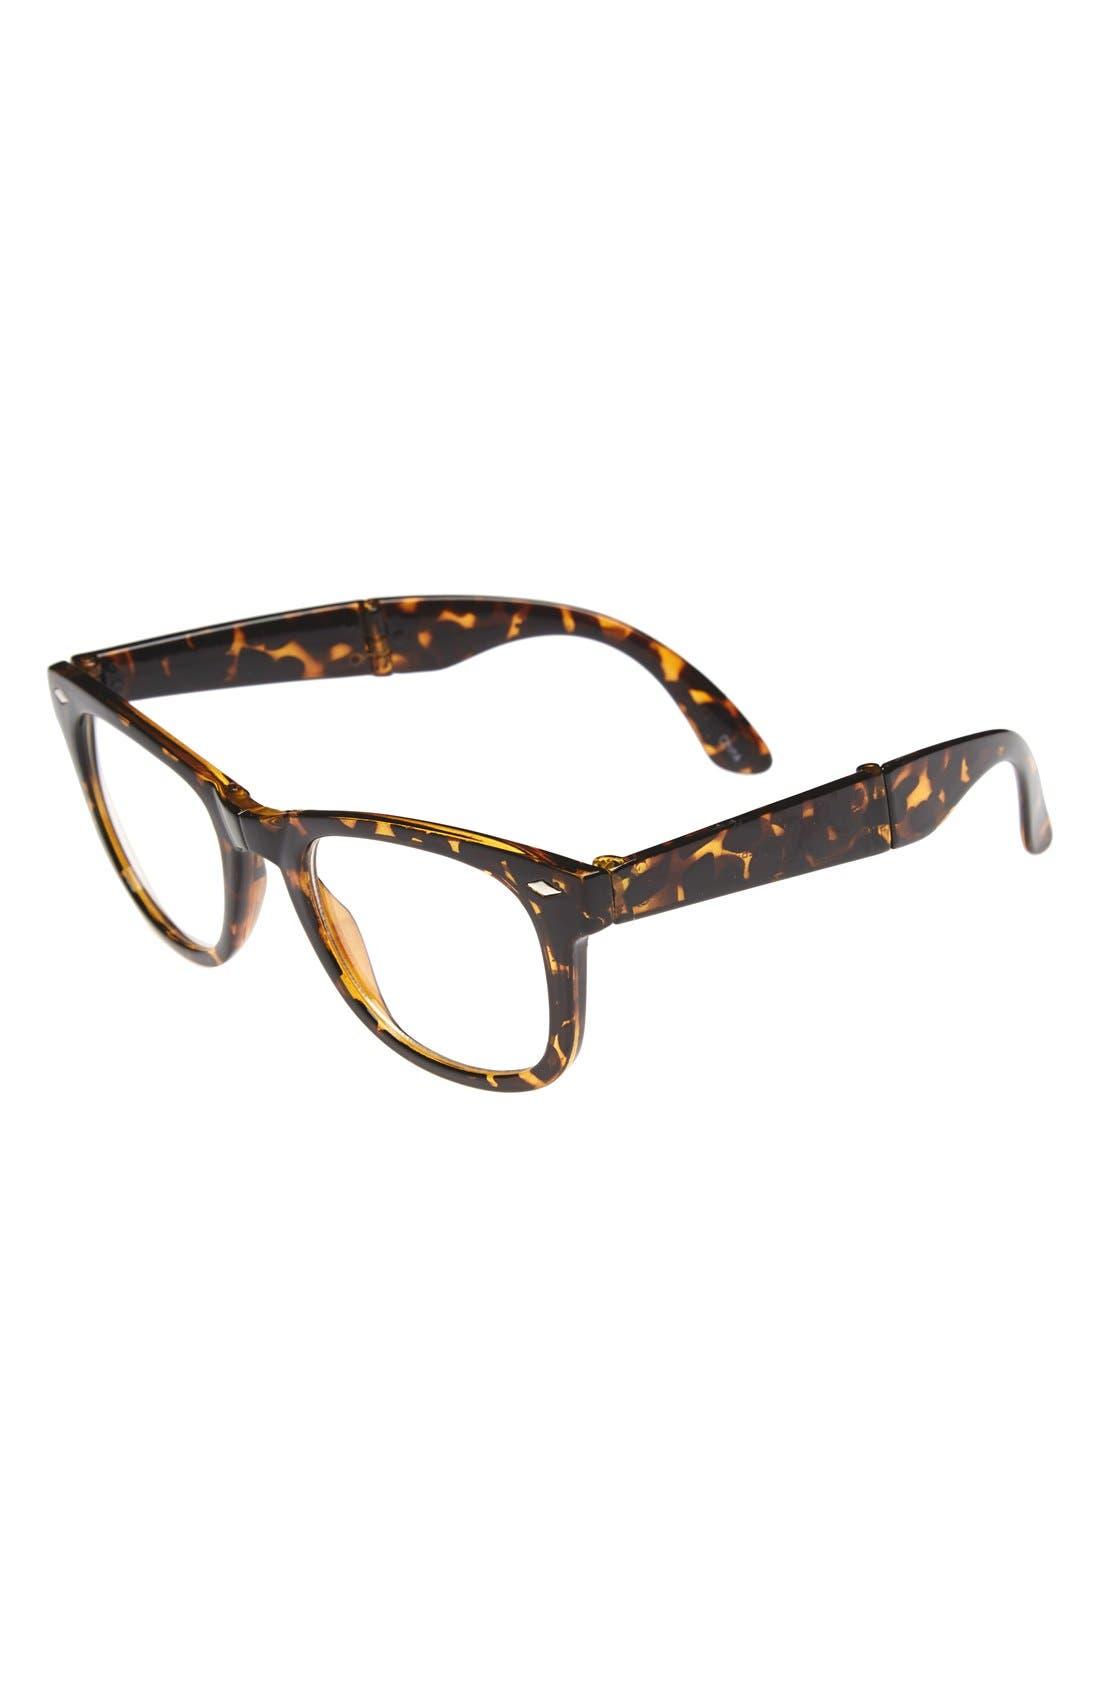 Main Image - Icon Eyewear 'Ethan - Tortoise Tortoise' Foldable Glasses